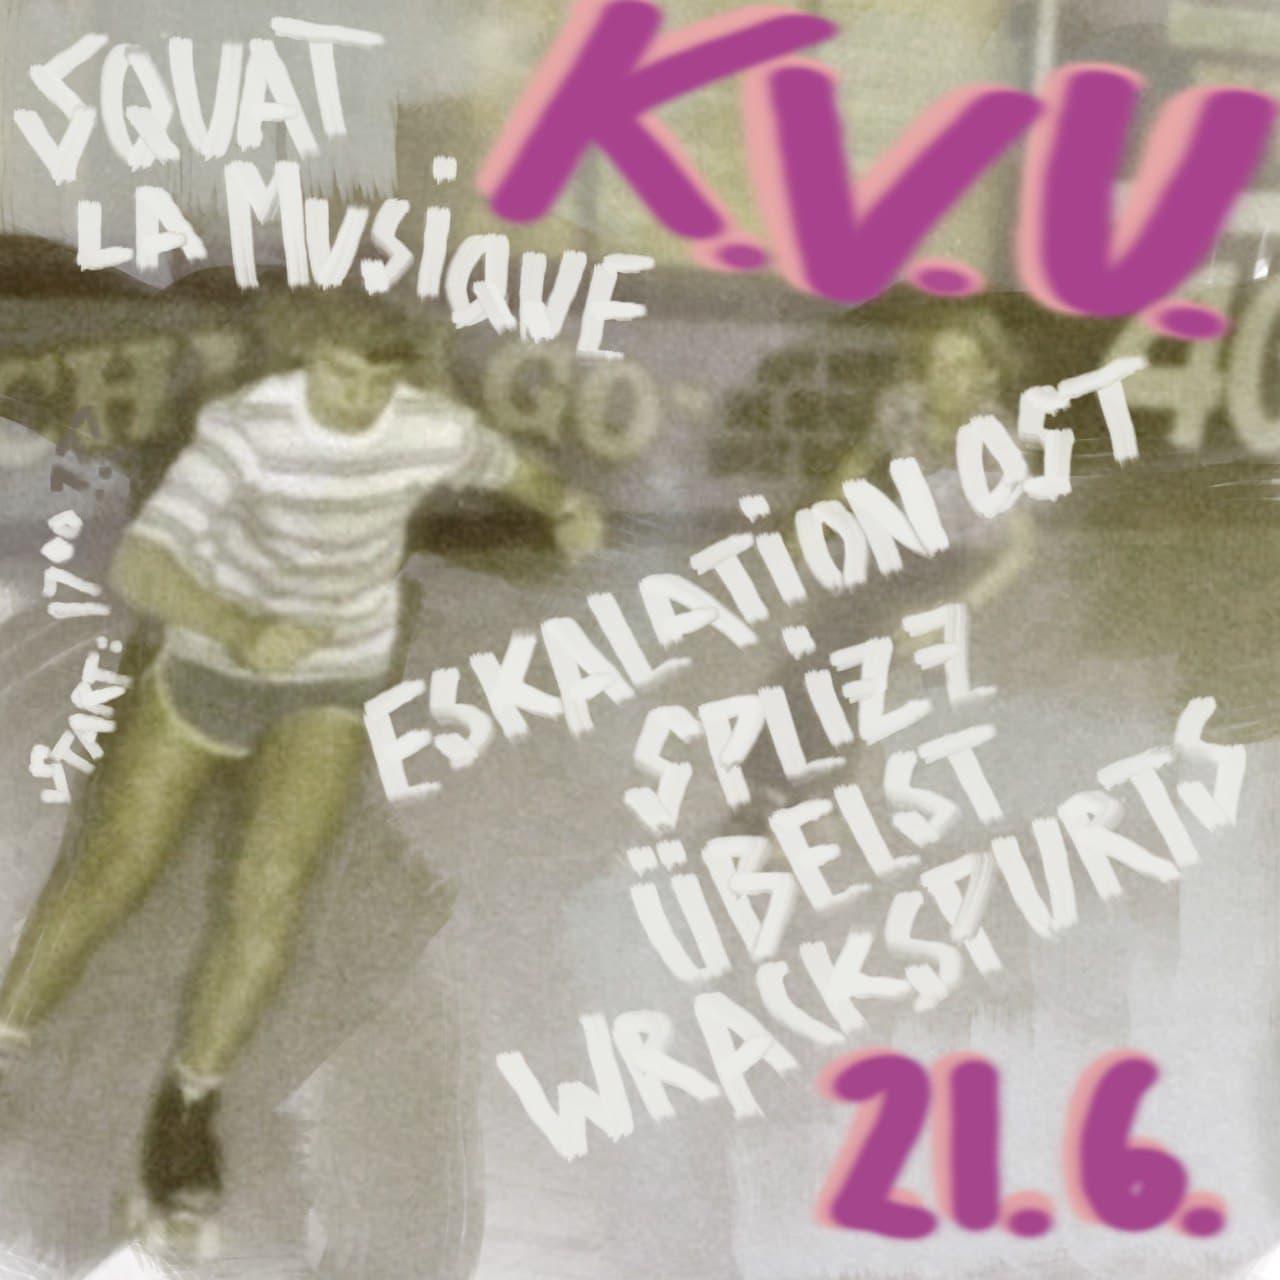 Squat la Musique K.V.U. 21.6.21